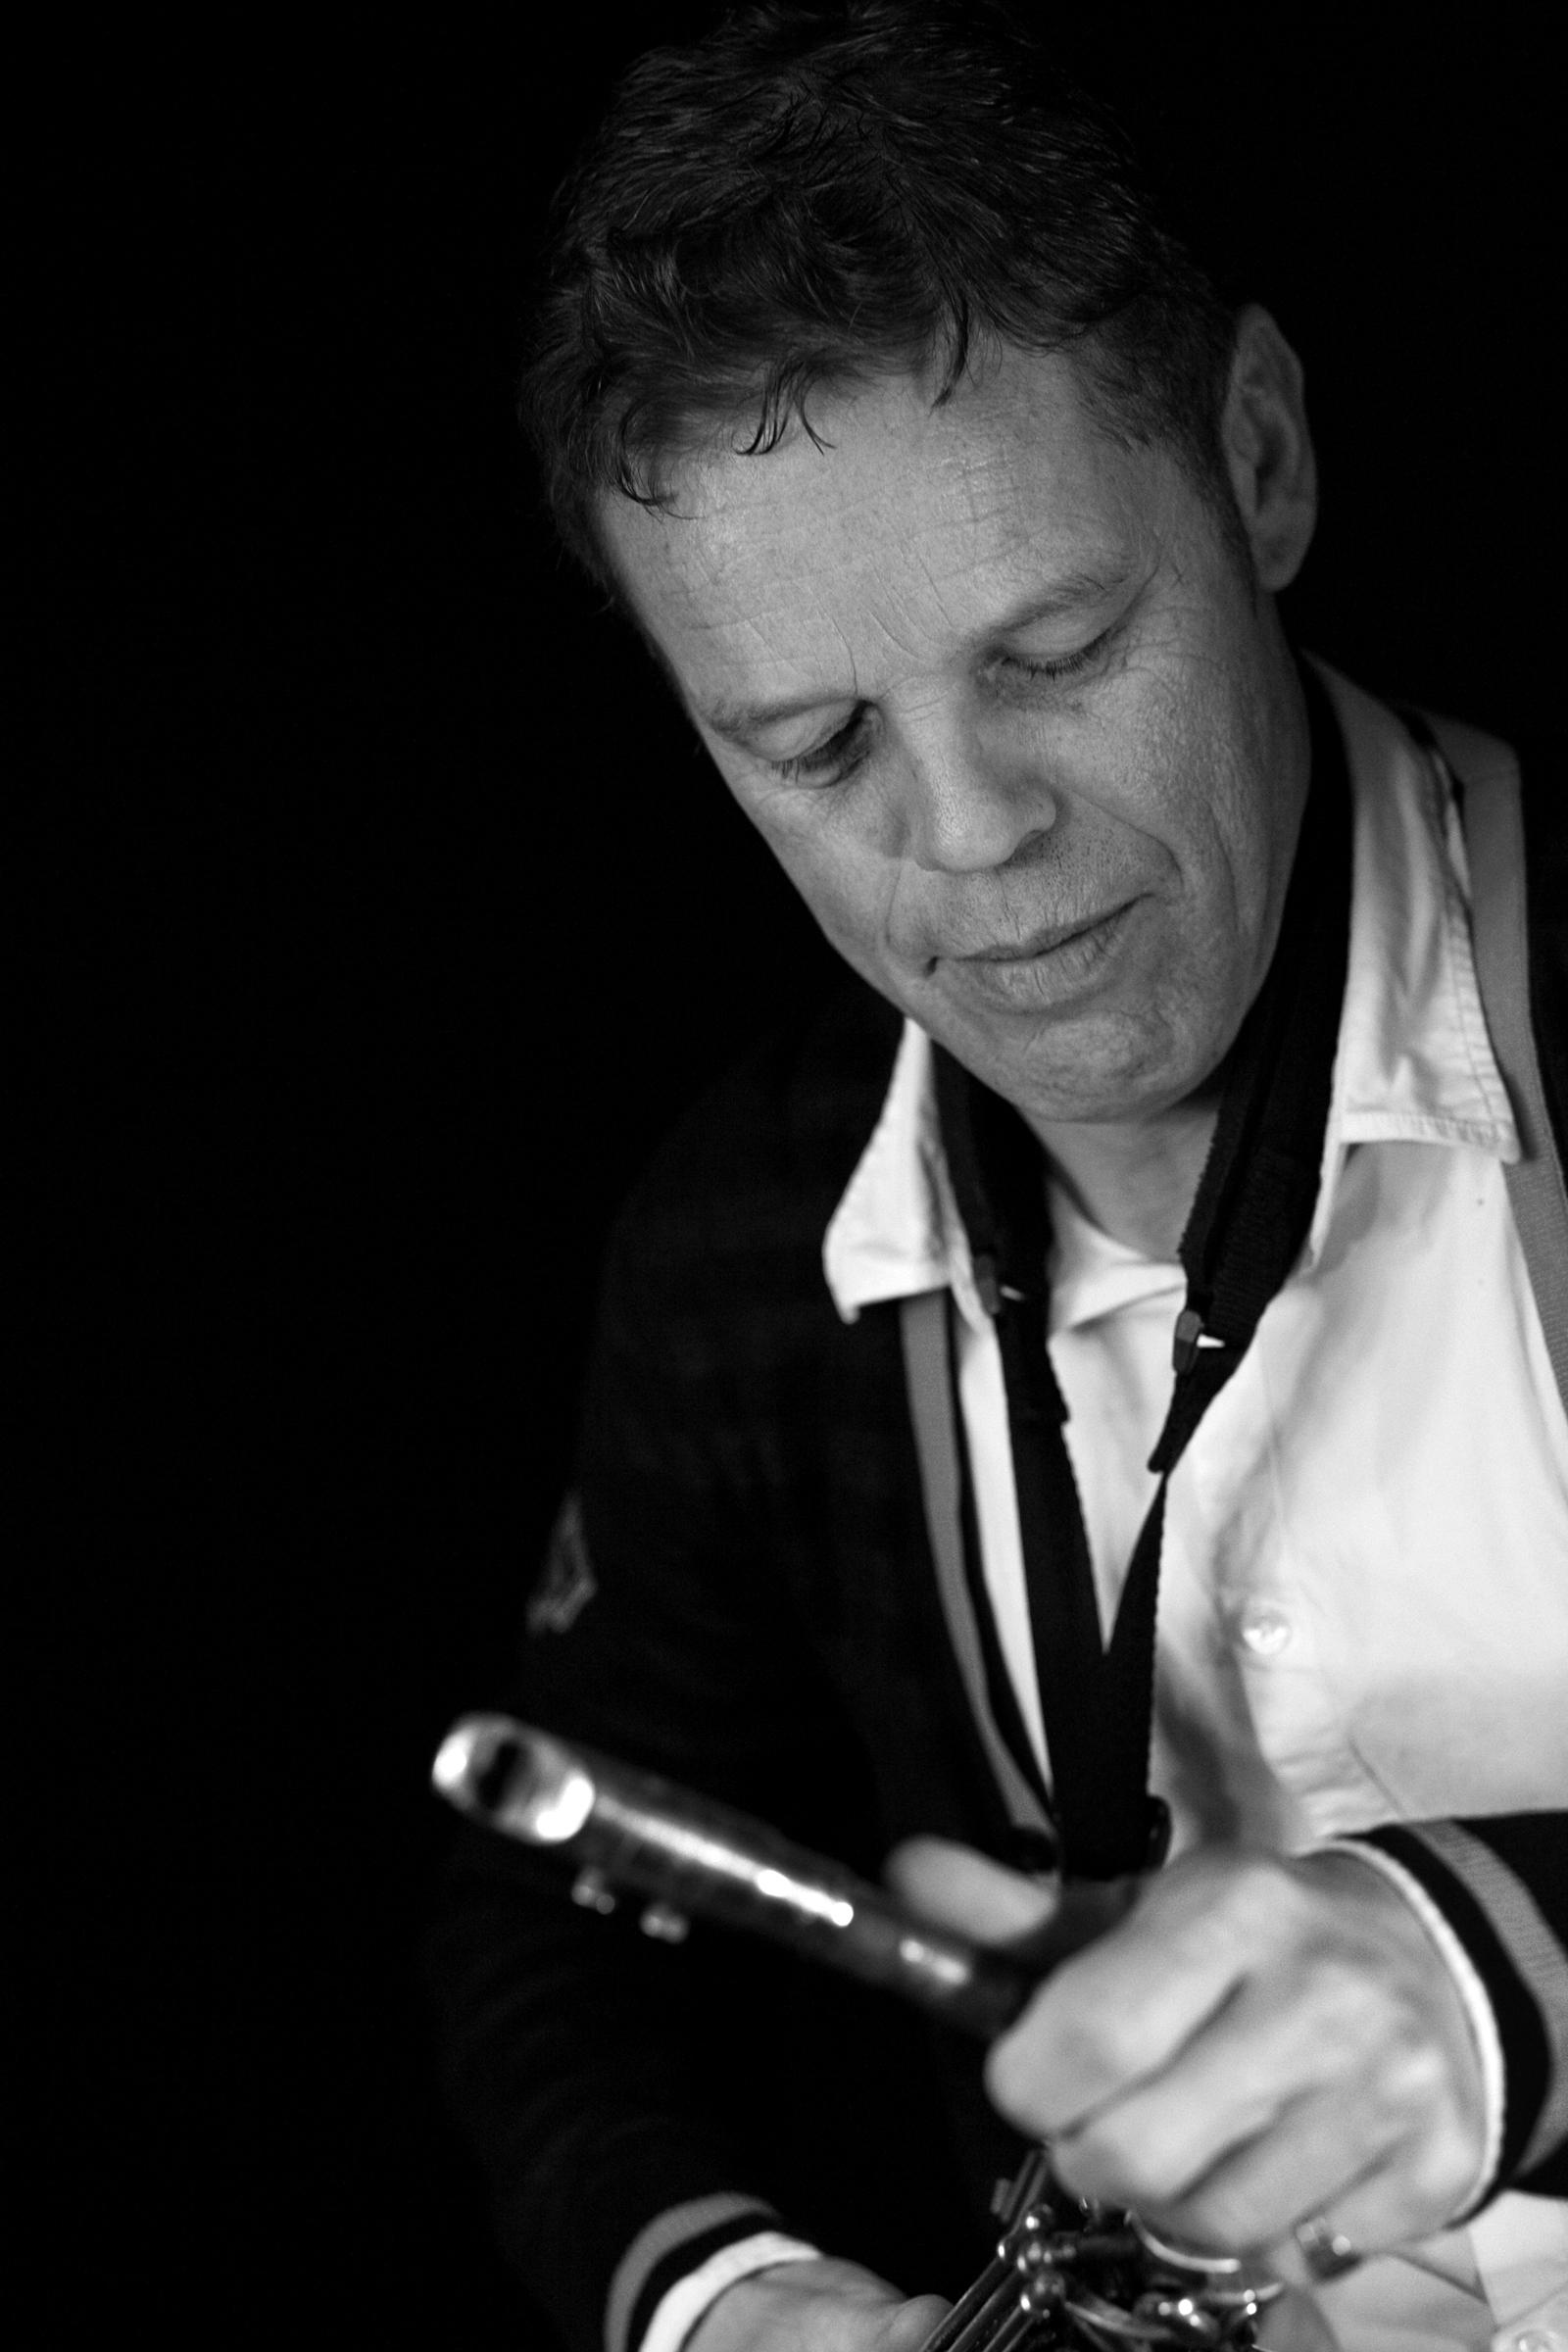 Portret in Studio - Paul Van Kemenade